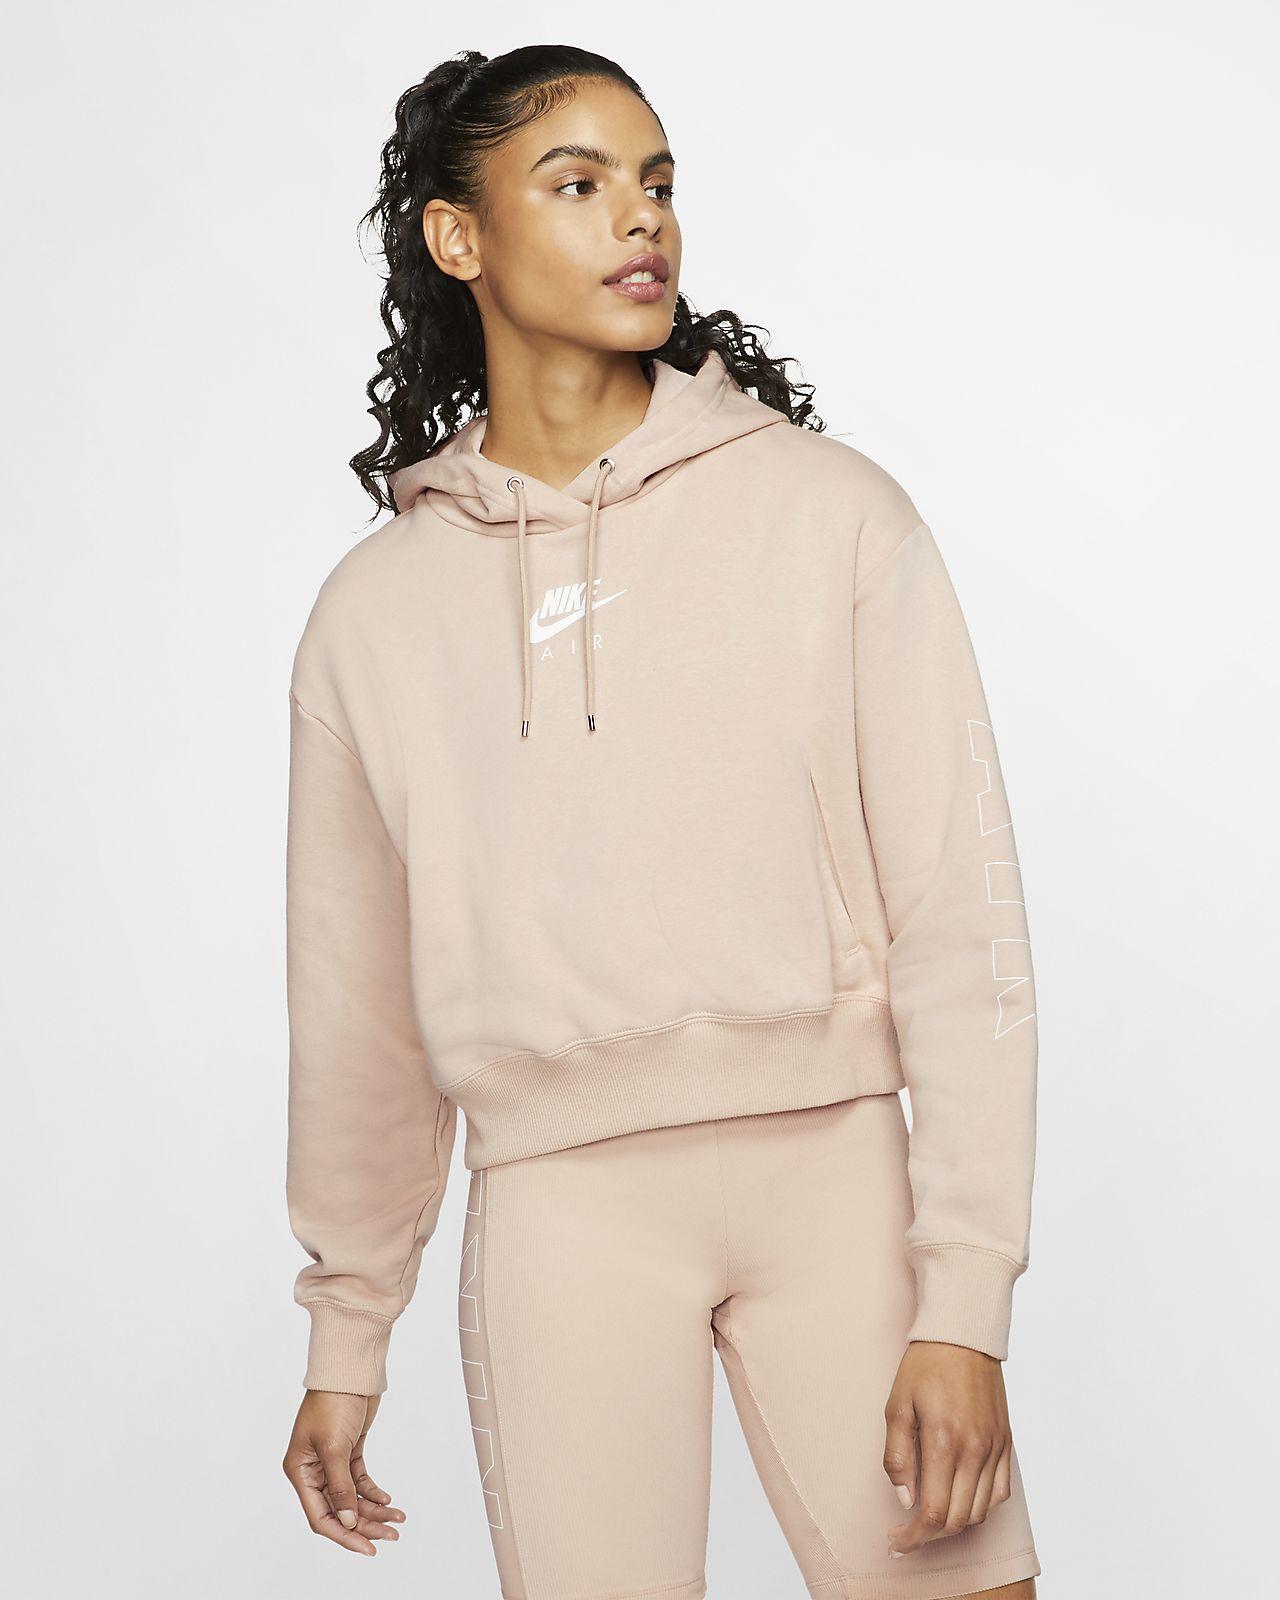 Sudadera con capucha de vellón para mujer Nike Air